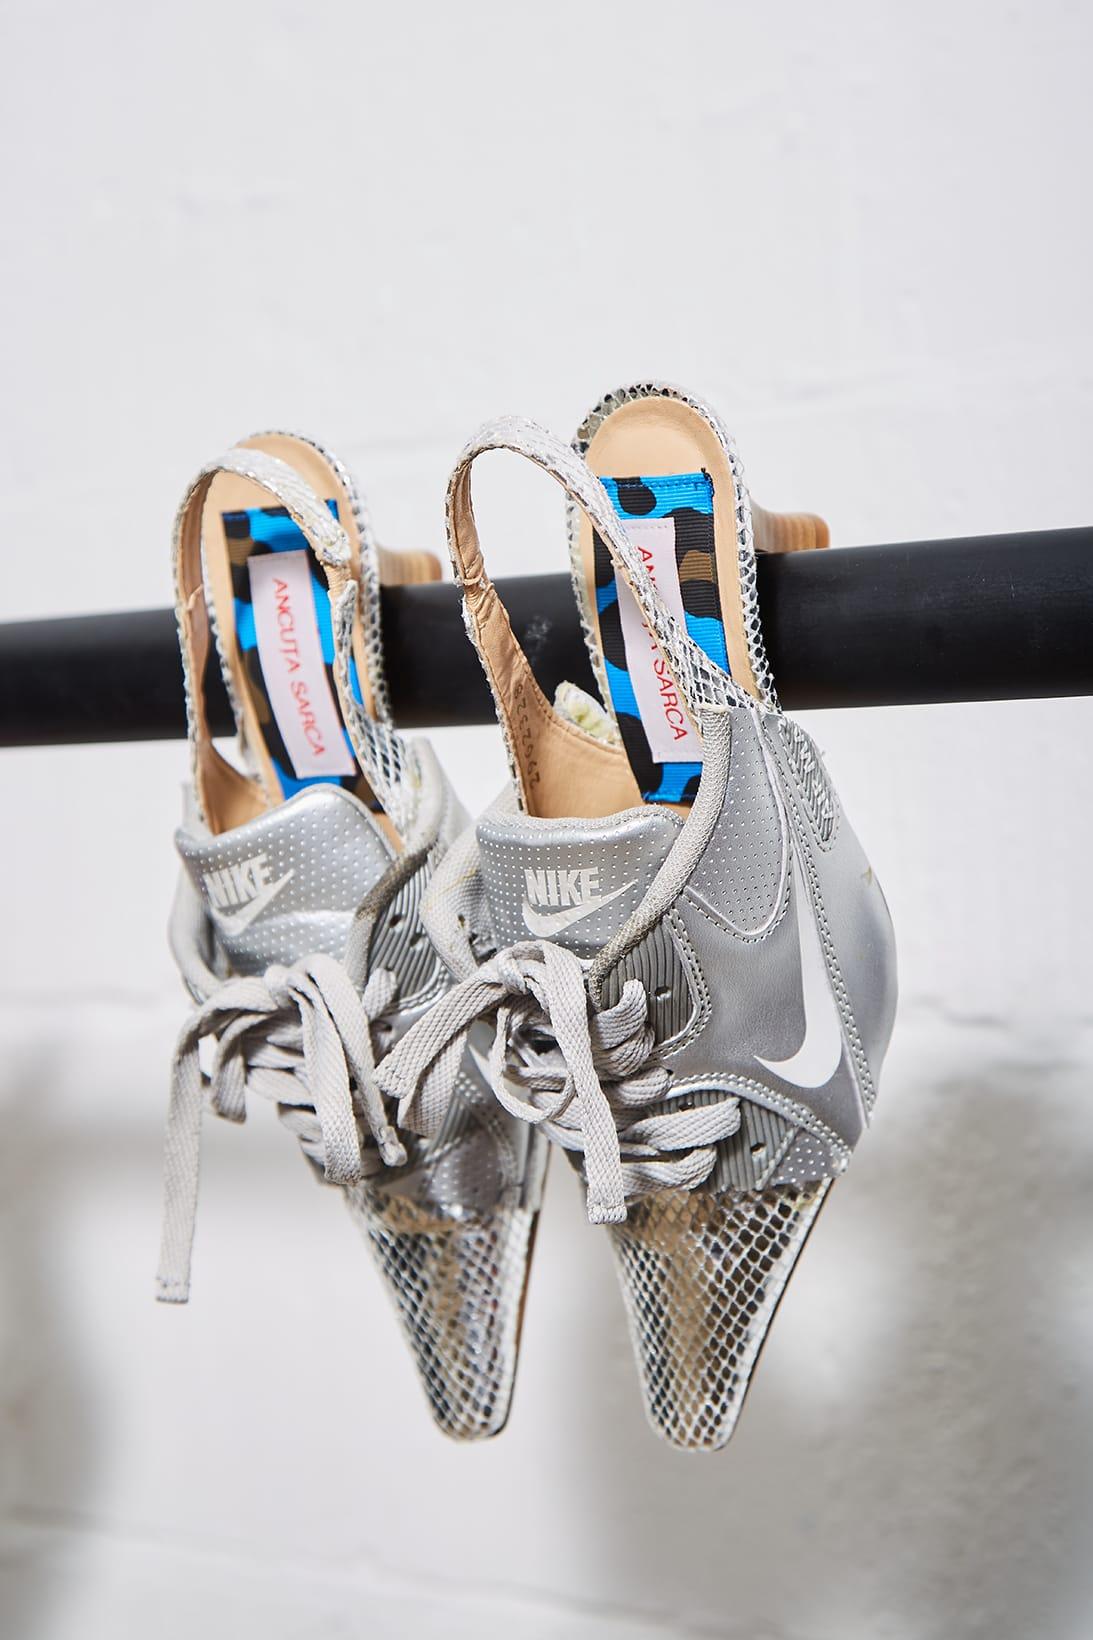 Nike Sneaker Kitten Heel Hybrid Shoes